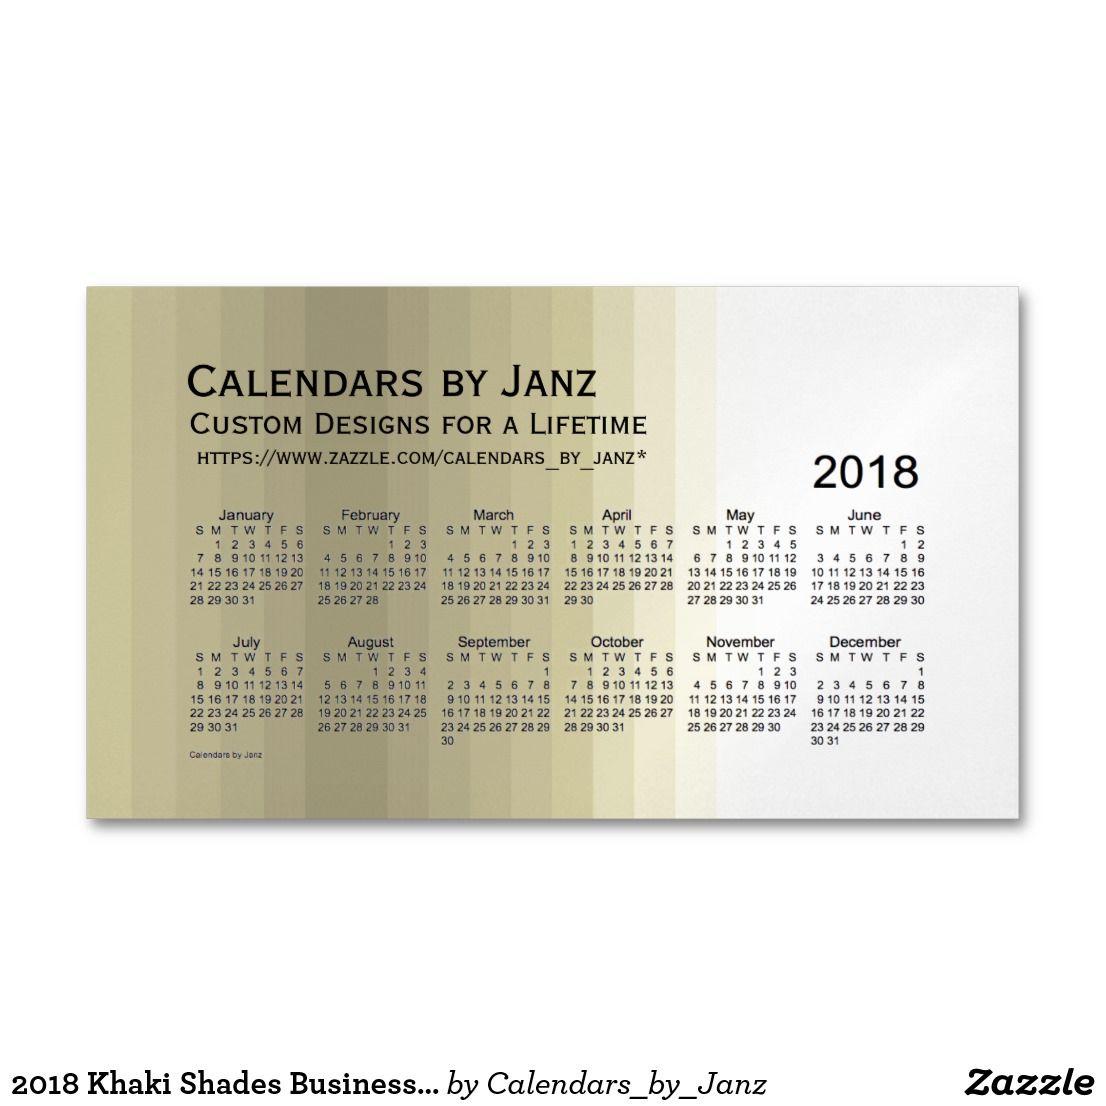 2018 Khaki Shades Business Calendar by Janz Business Card Magnet ...